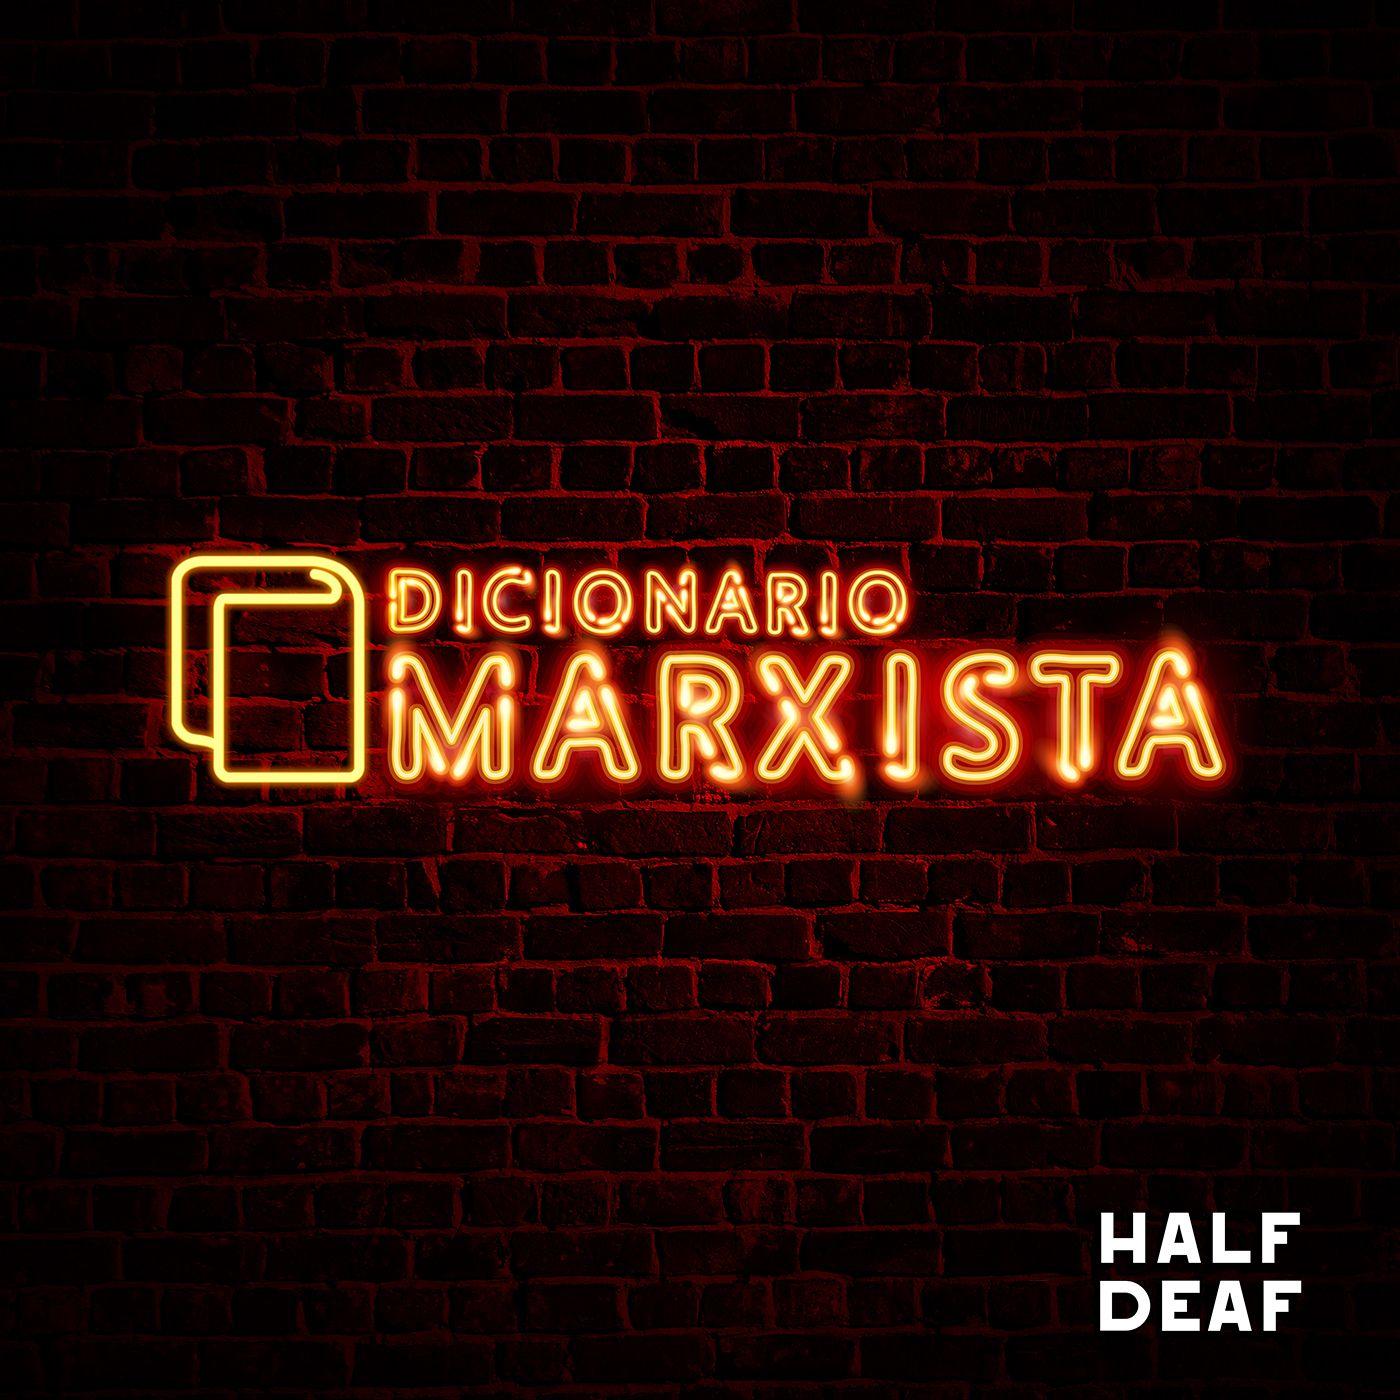 Dicionário Marxista 008 - Ditadura do Proletariado